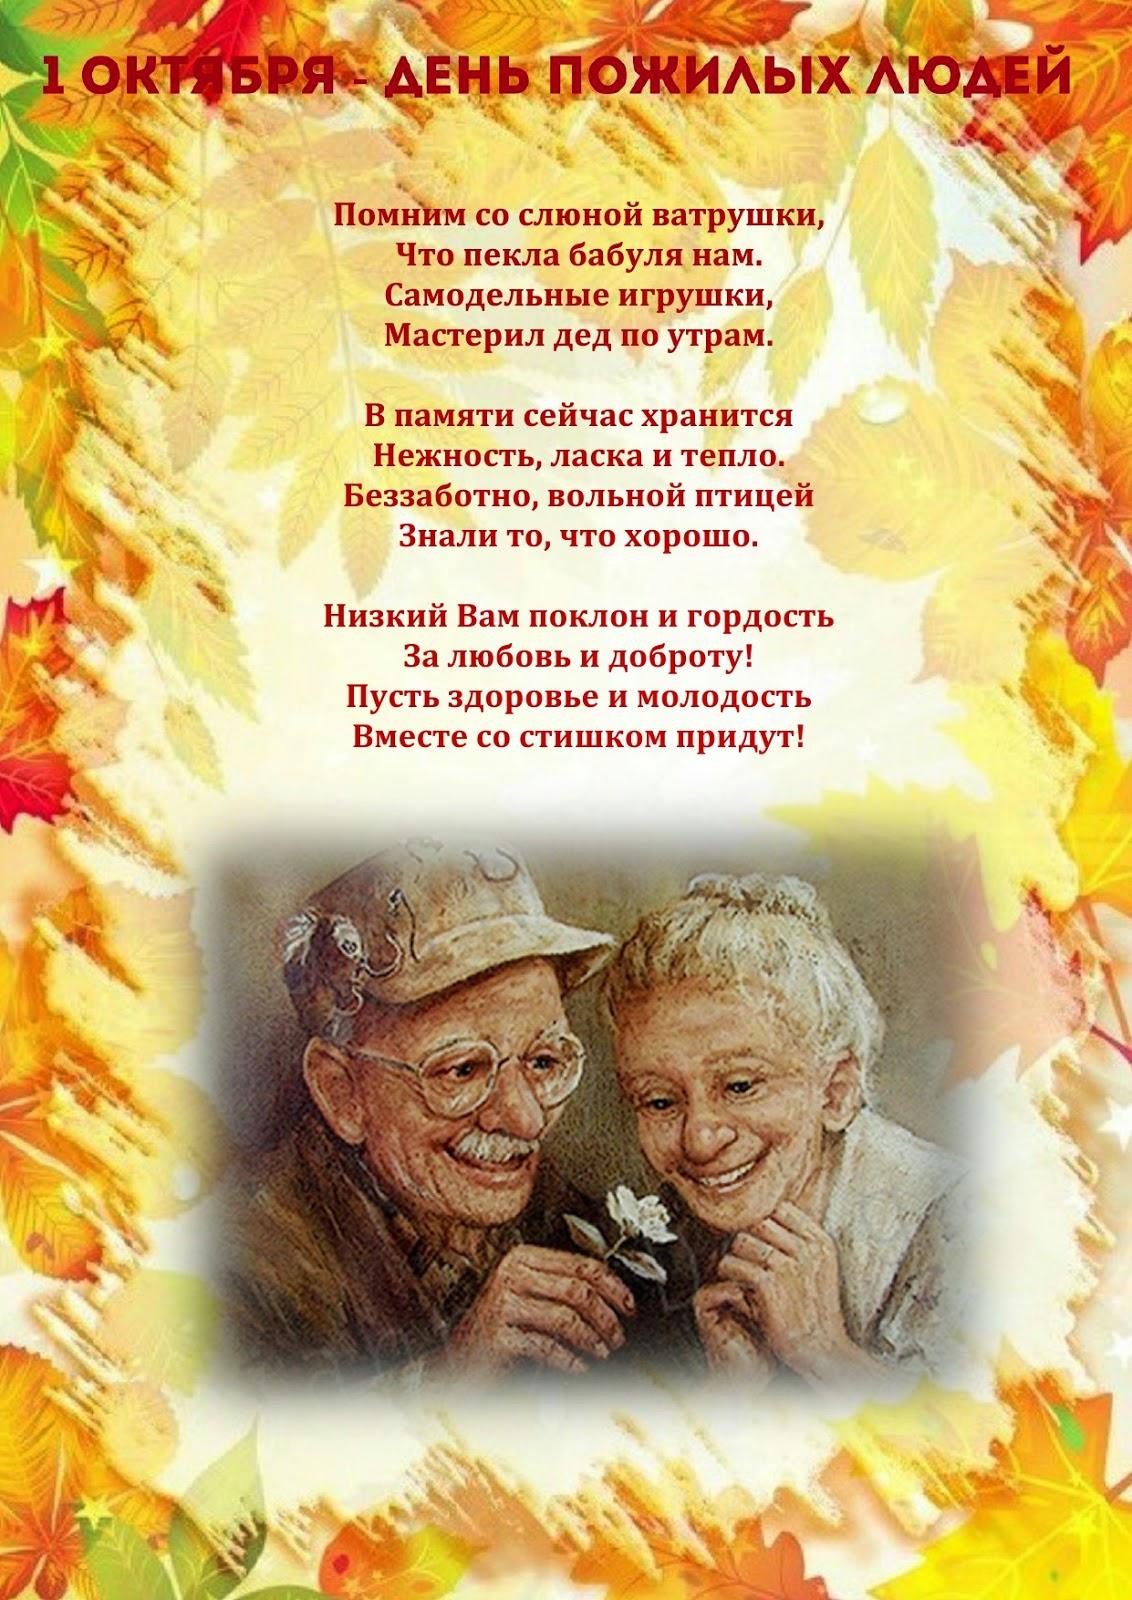 Трогательное поздравление с днем пожилого человека в прозе 4